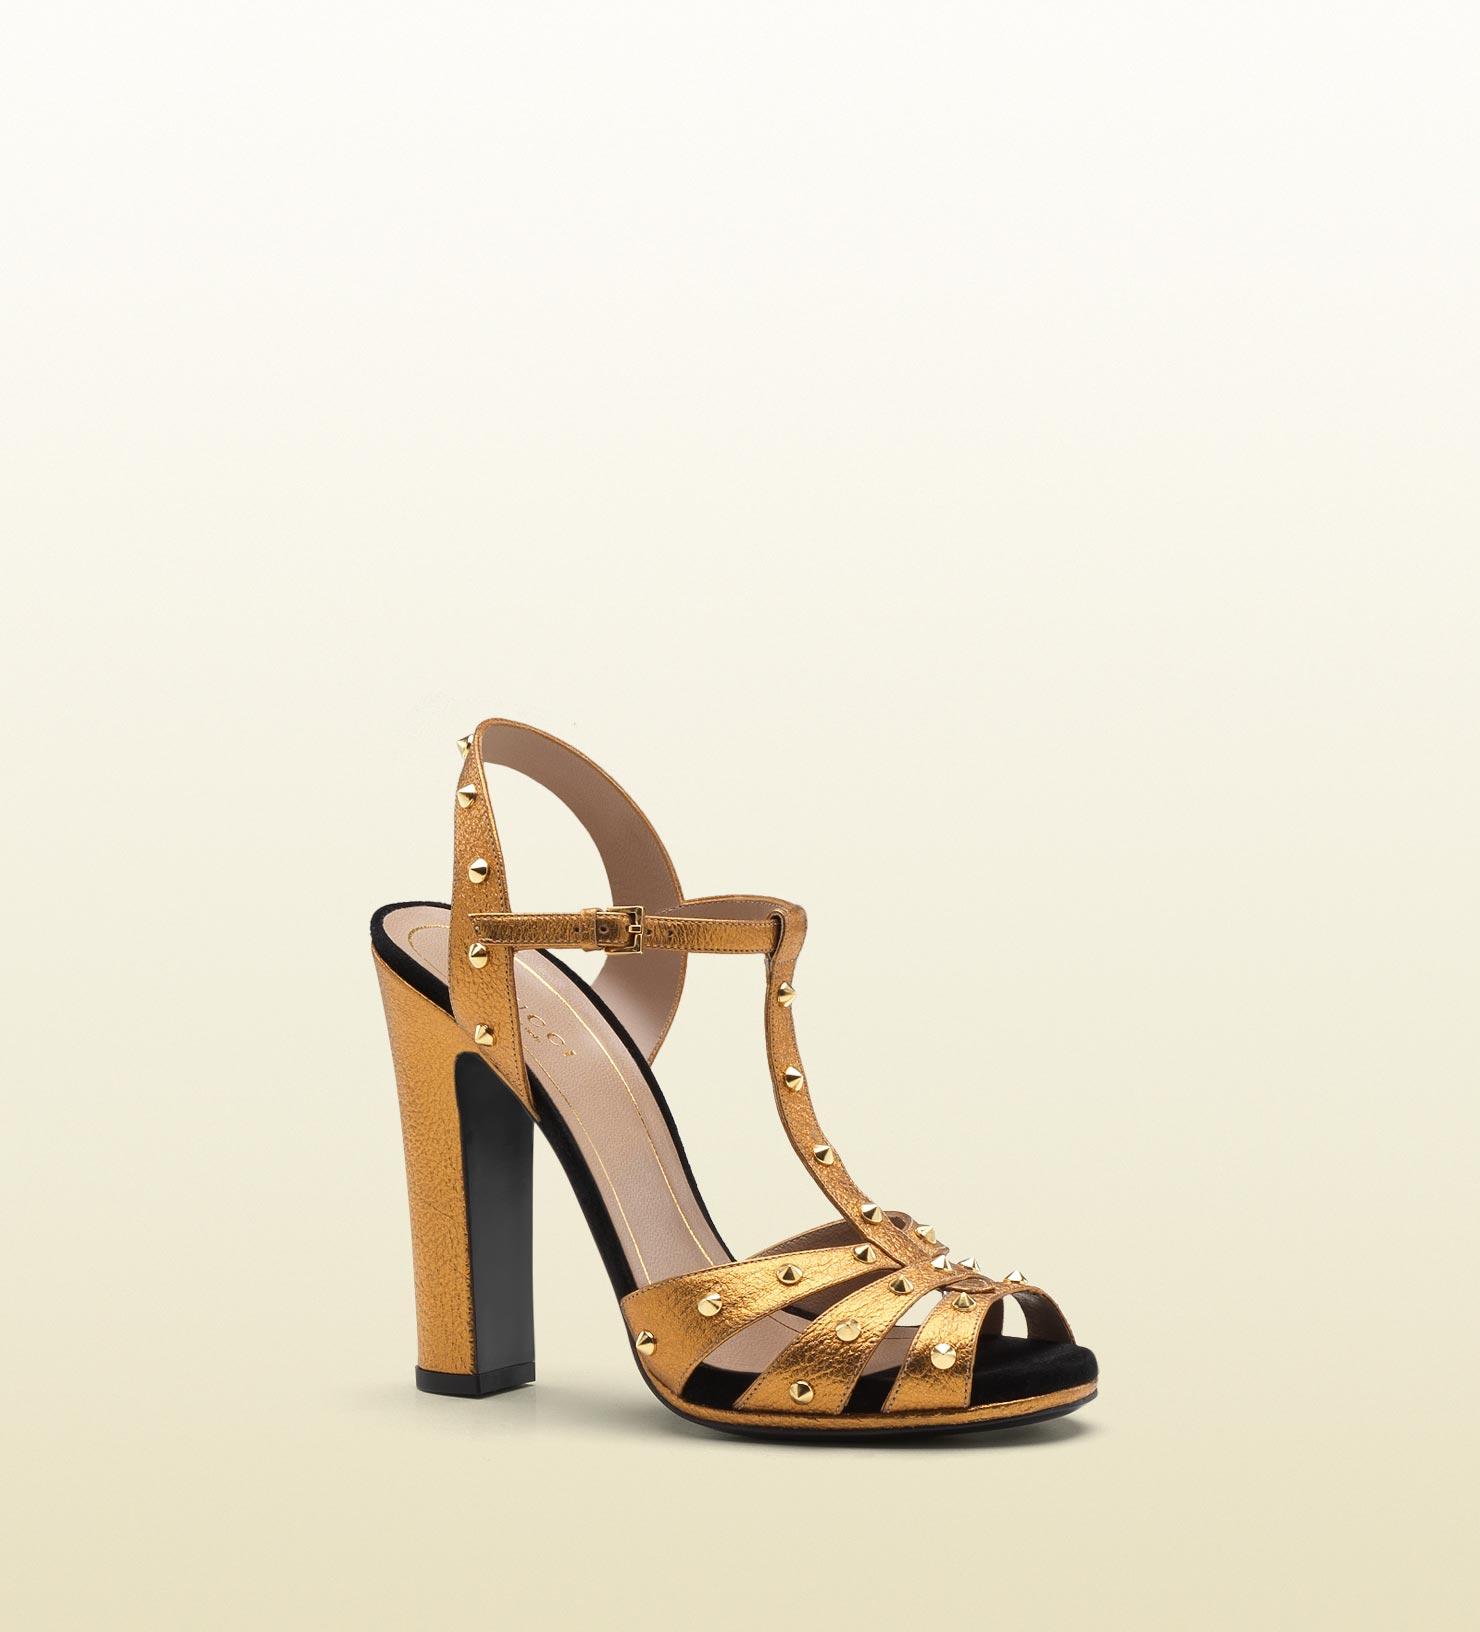 1b5aaf84d7 Gucci Jacquelyne Studded Strappy High Heel Platform Sandal in ...